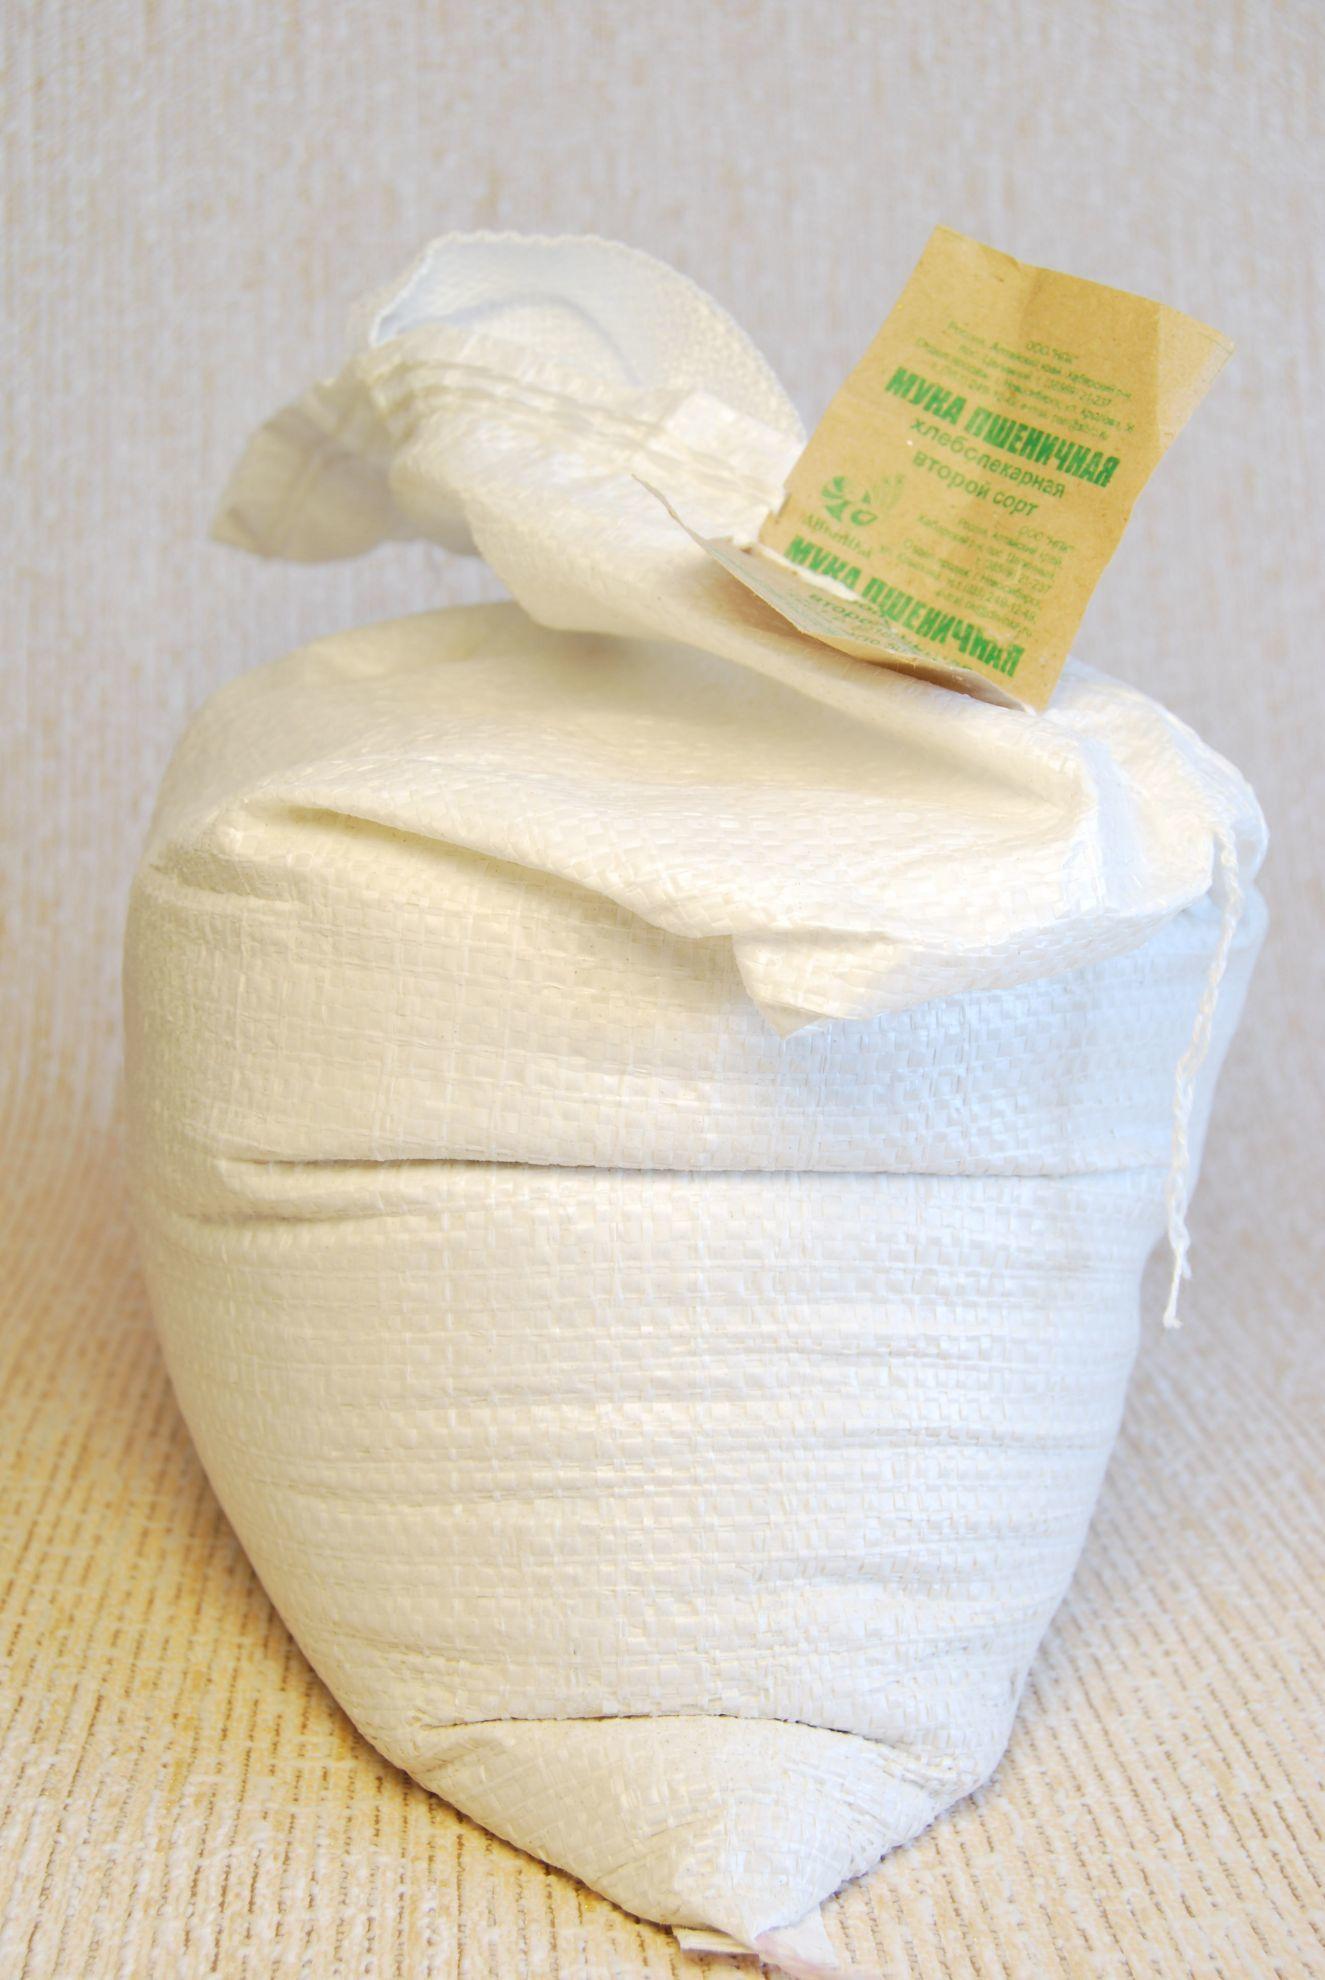 Мука пшеничная, Дивинка, Алтайская, 2 сорт, мешок, 5 кг